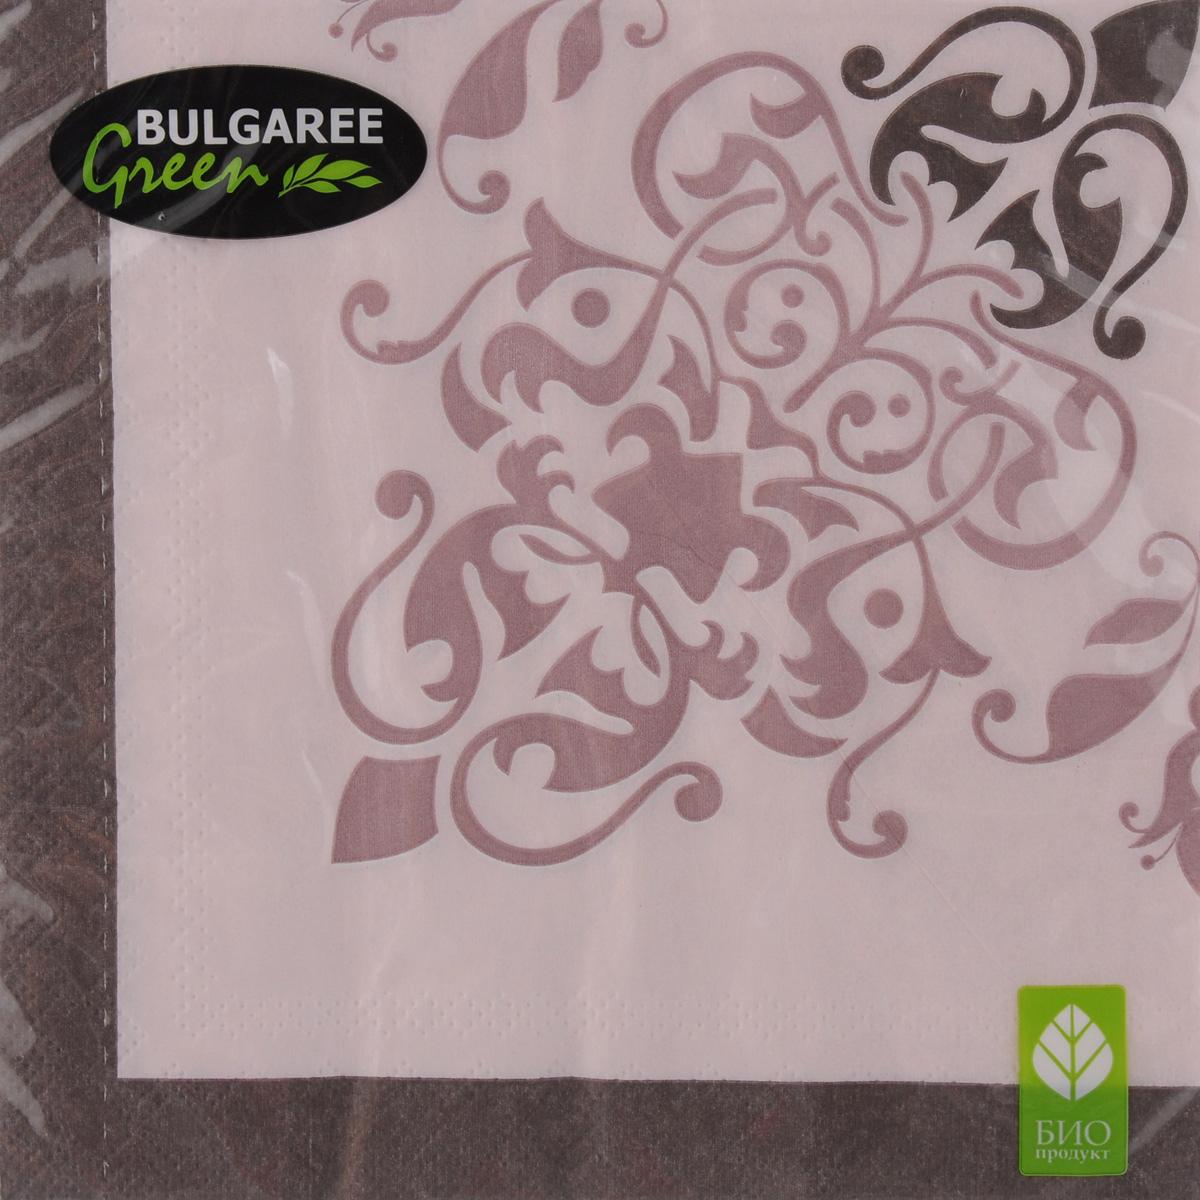 Салфетки бумажные Bulgaree Green Классика. Перфетто, трехслойные, 33 х 33 см, 20 шт787502Декоративные трехслойные салфетки Bulgaree Green Классика. Перфеттовыполнены из 100%целлюлозы европейского качества и оформлены ярким рисунком. Изделиястанут отличнымдополнением любого праздничного стола. Они отличаются необычноймягкостью,прочностью и оригинальностью.Размер салфеток в развернутом виде: 33 х 33 см.